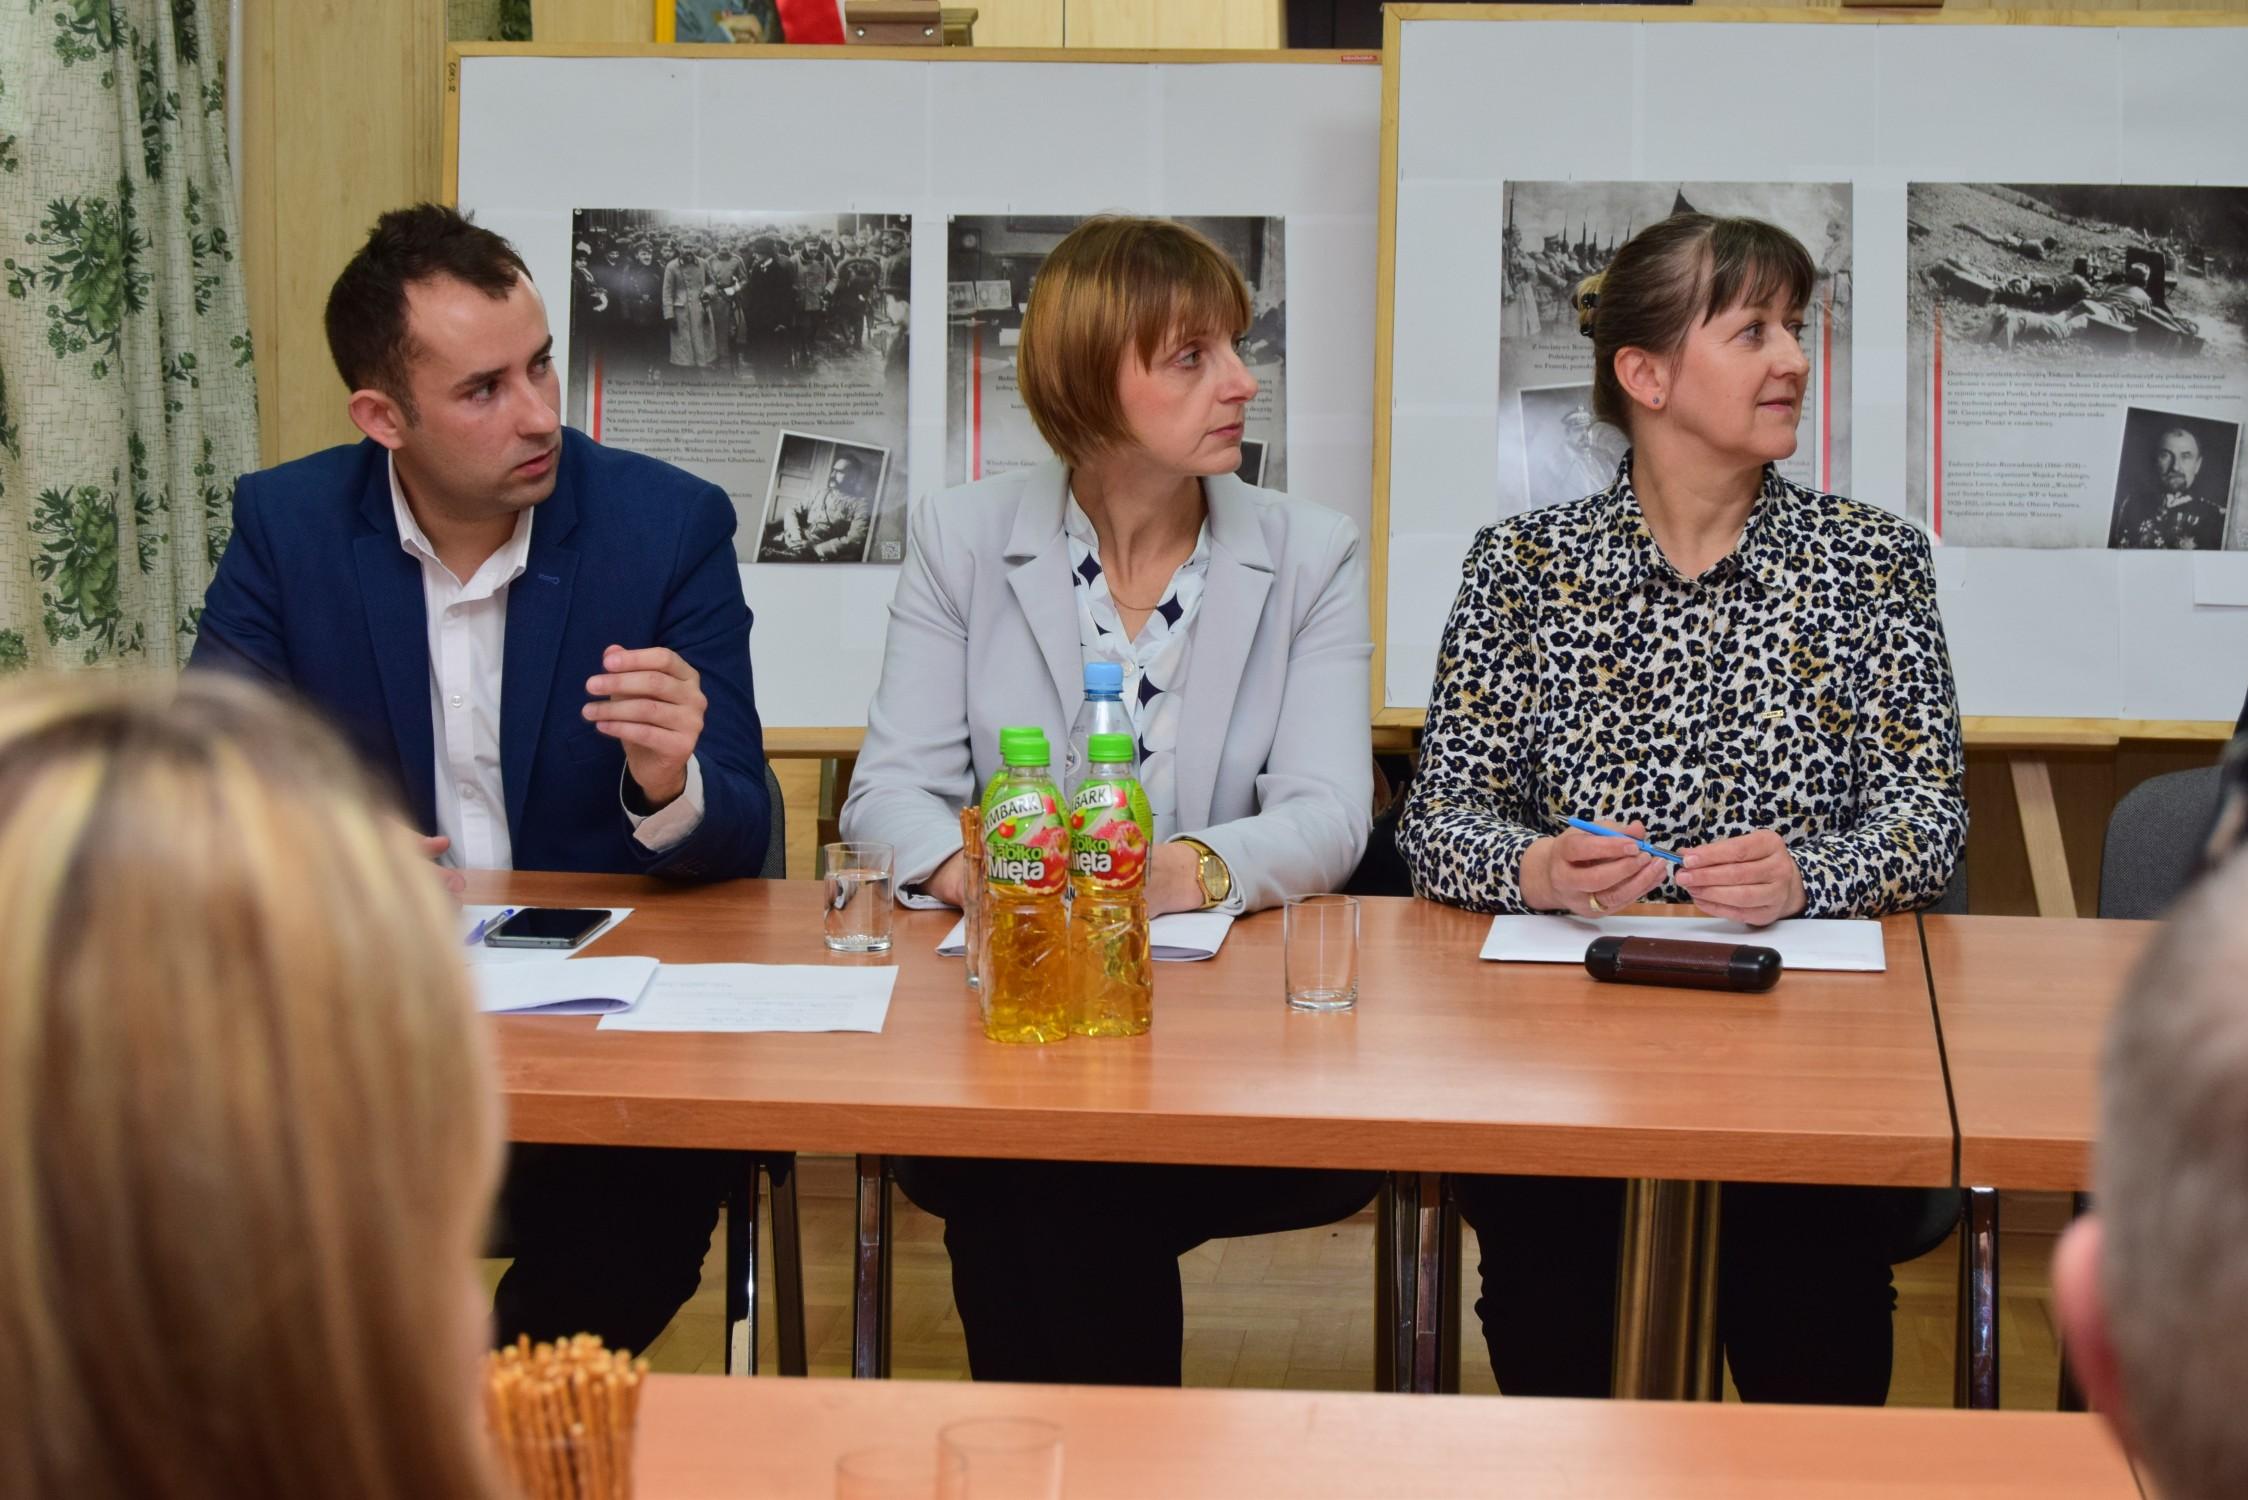 Gmina Raniżów. Radni nowej kadencji mają za sobą pierwszą sesję. Poznajcie nowe twarze [ZDJĘCIA] - Zdjęcie główne